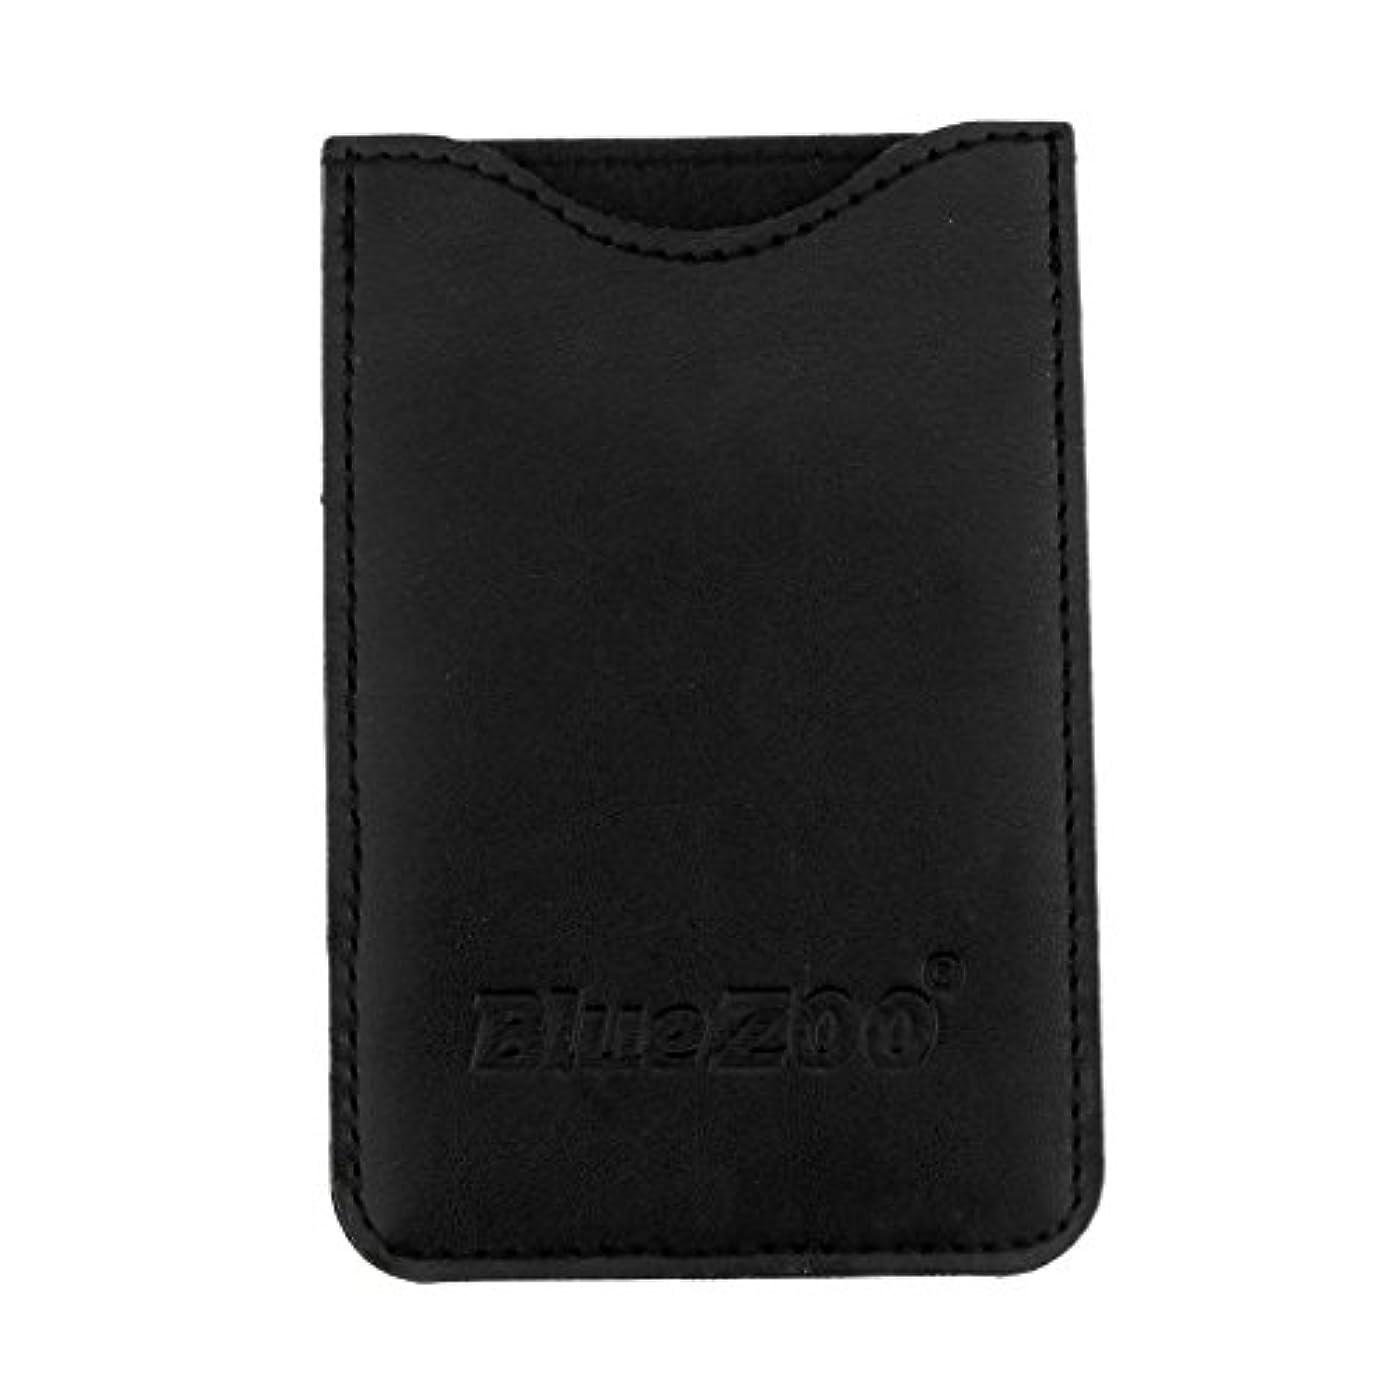 解くキャロライン無許可Toygogo PUレザー ポケット コームバッグ 櫛バッグ 収納パック 保護カバー 柔らかい 全2色 - ブラック